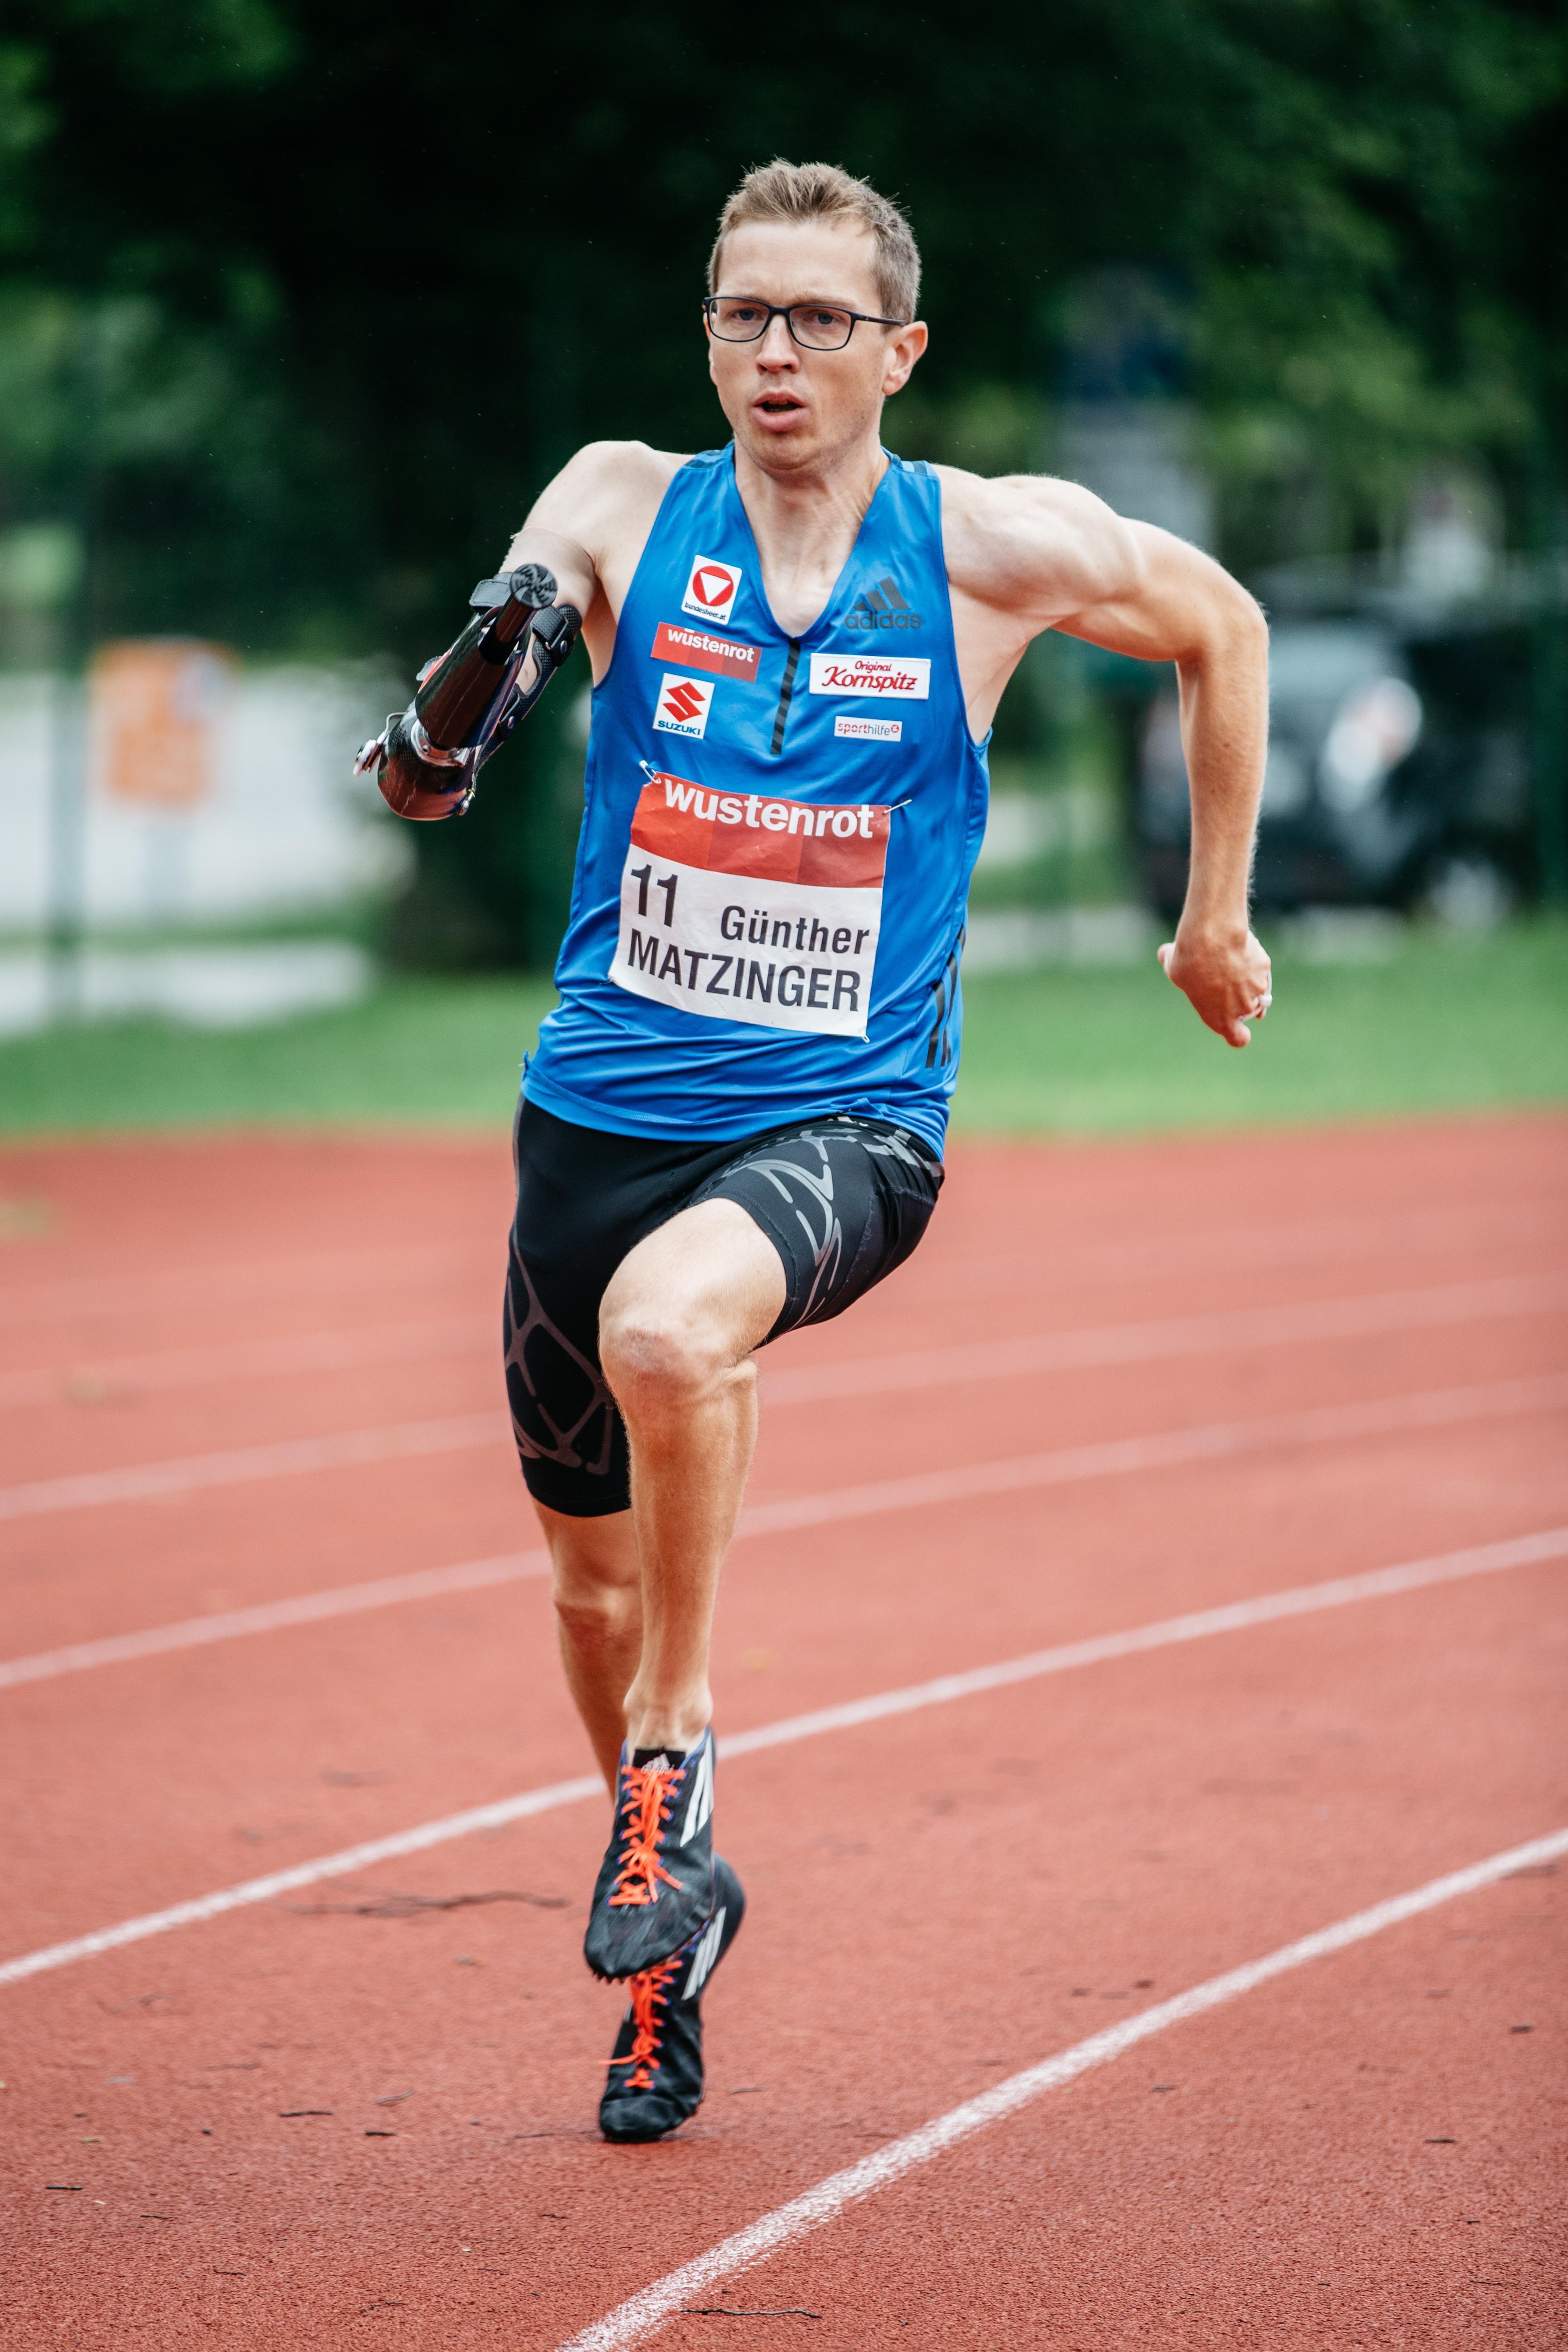 Für den 30-Jährigen ist die WM-Goldmedaille von London die zweite in seiner Karriere. Zum ersten Mal wurde der Salzburger 2013 in Lyon über 400 Meter Weltmeister.